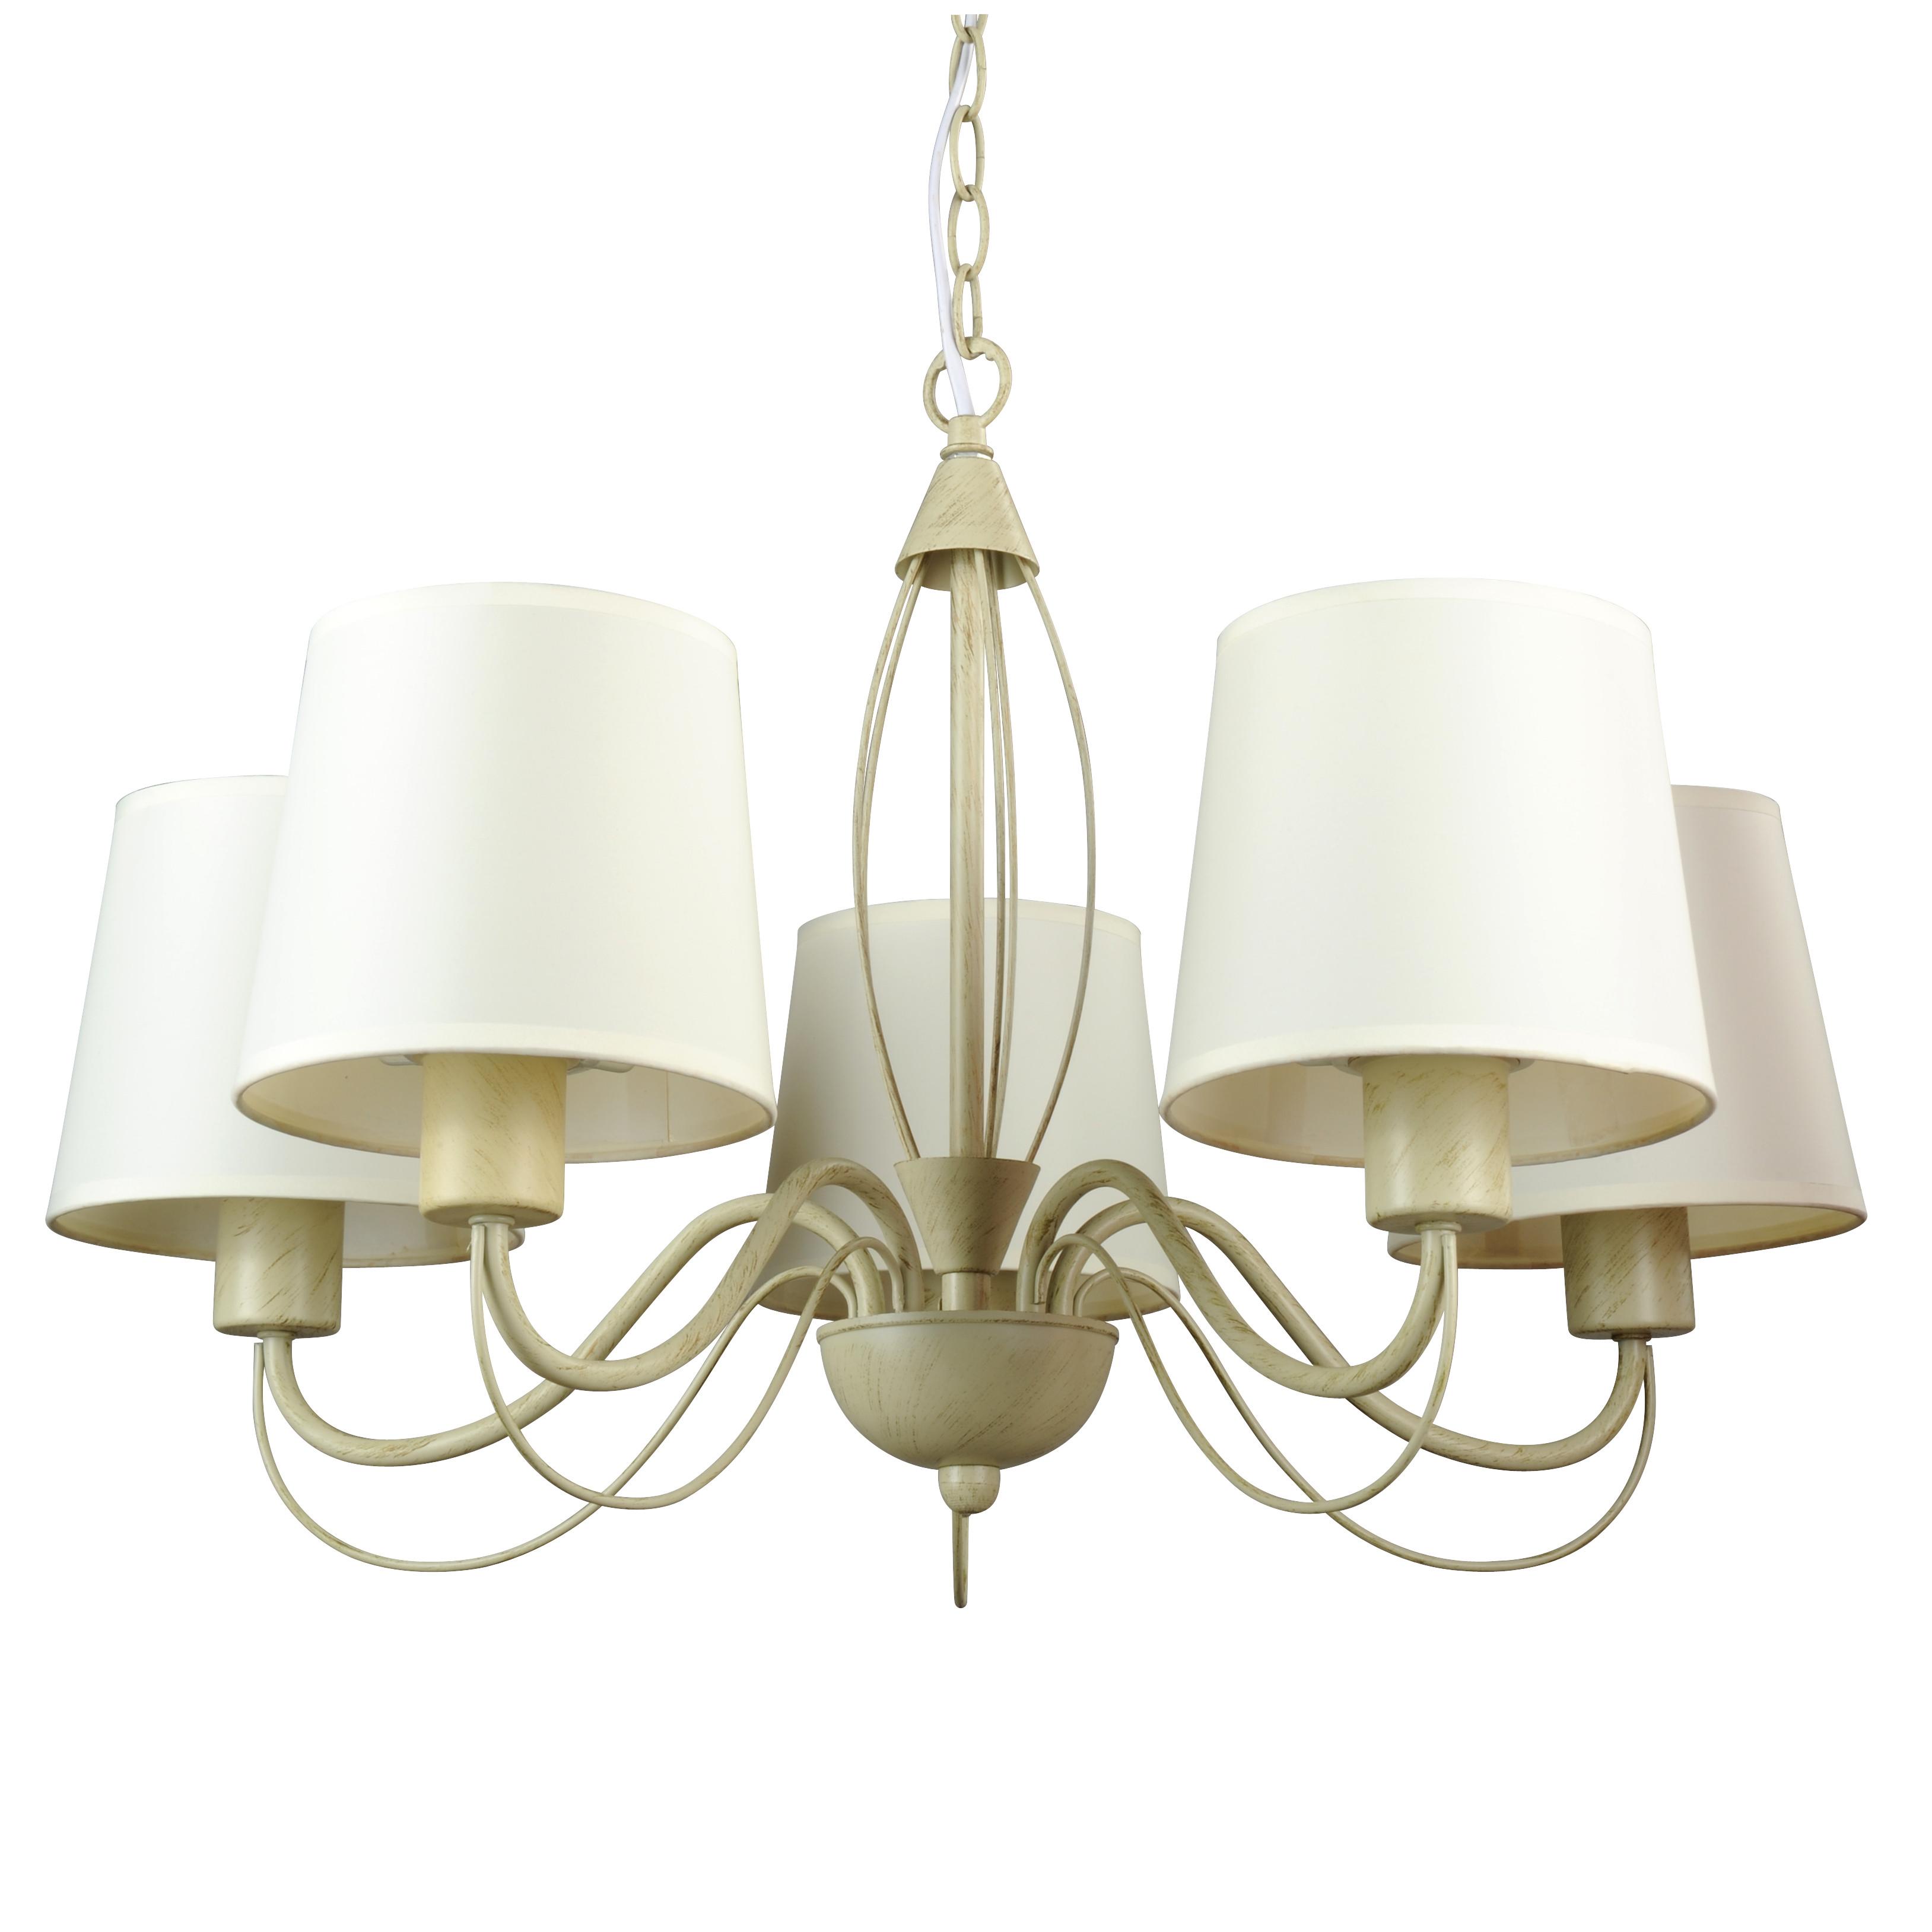 Люстра Arte lamp Orlean a9310lm-5wg arte lamp orlean a9310lm 5wg